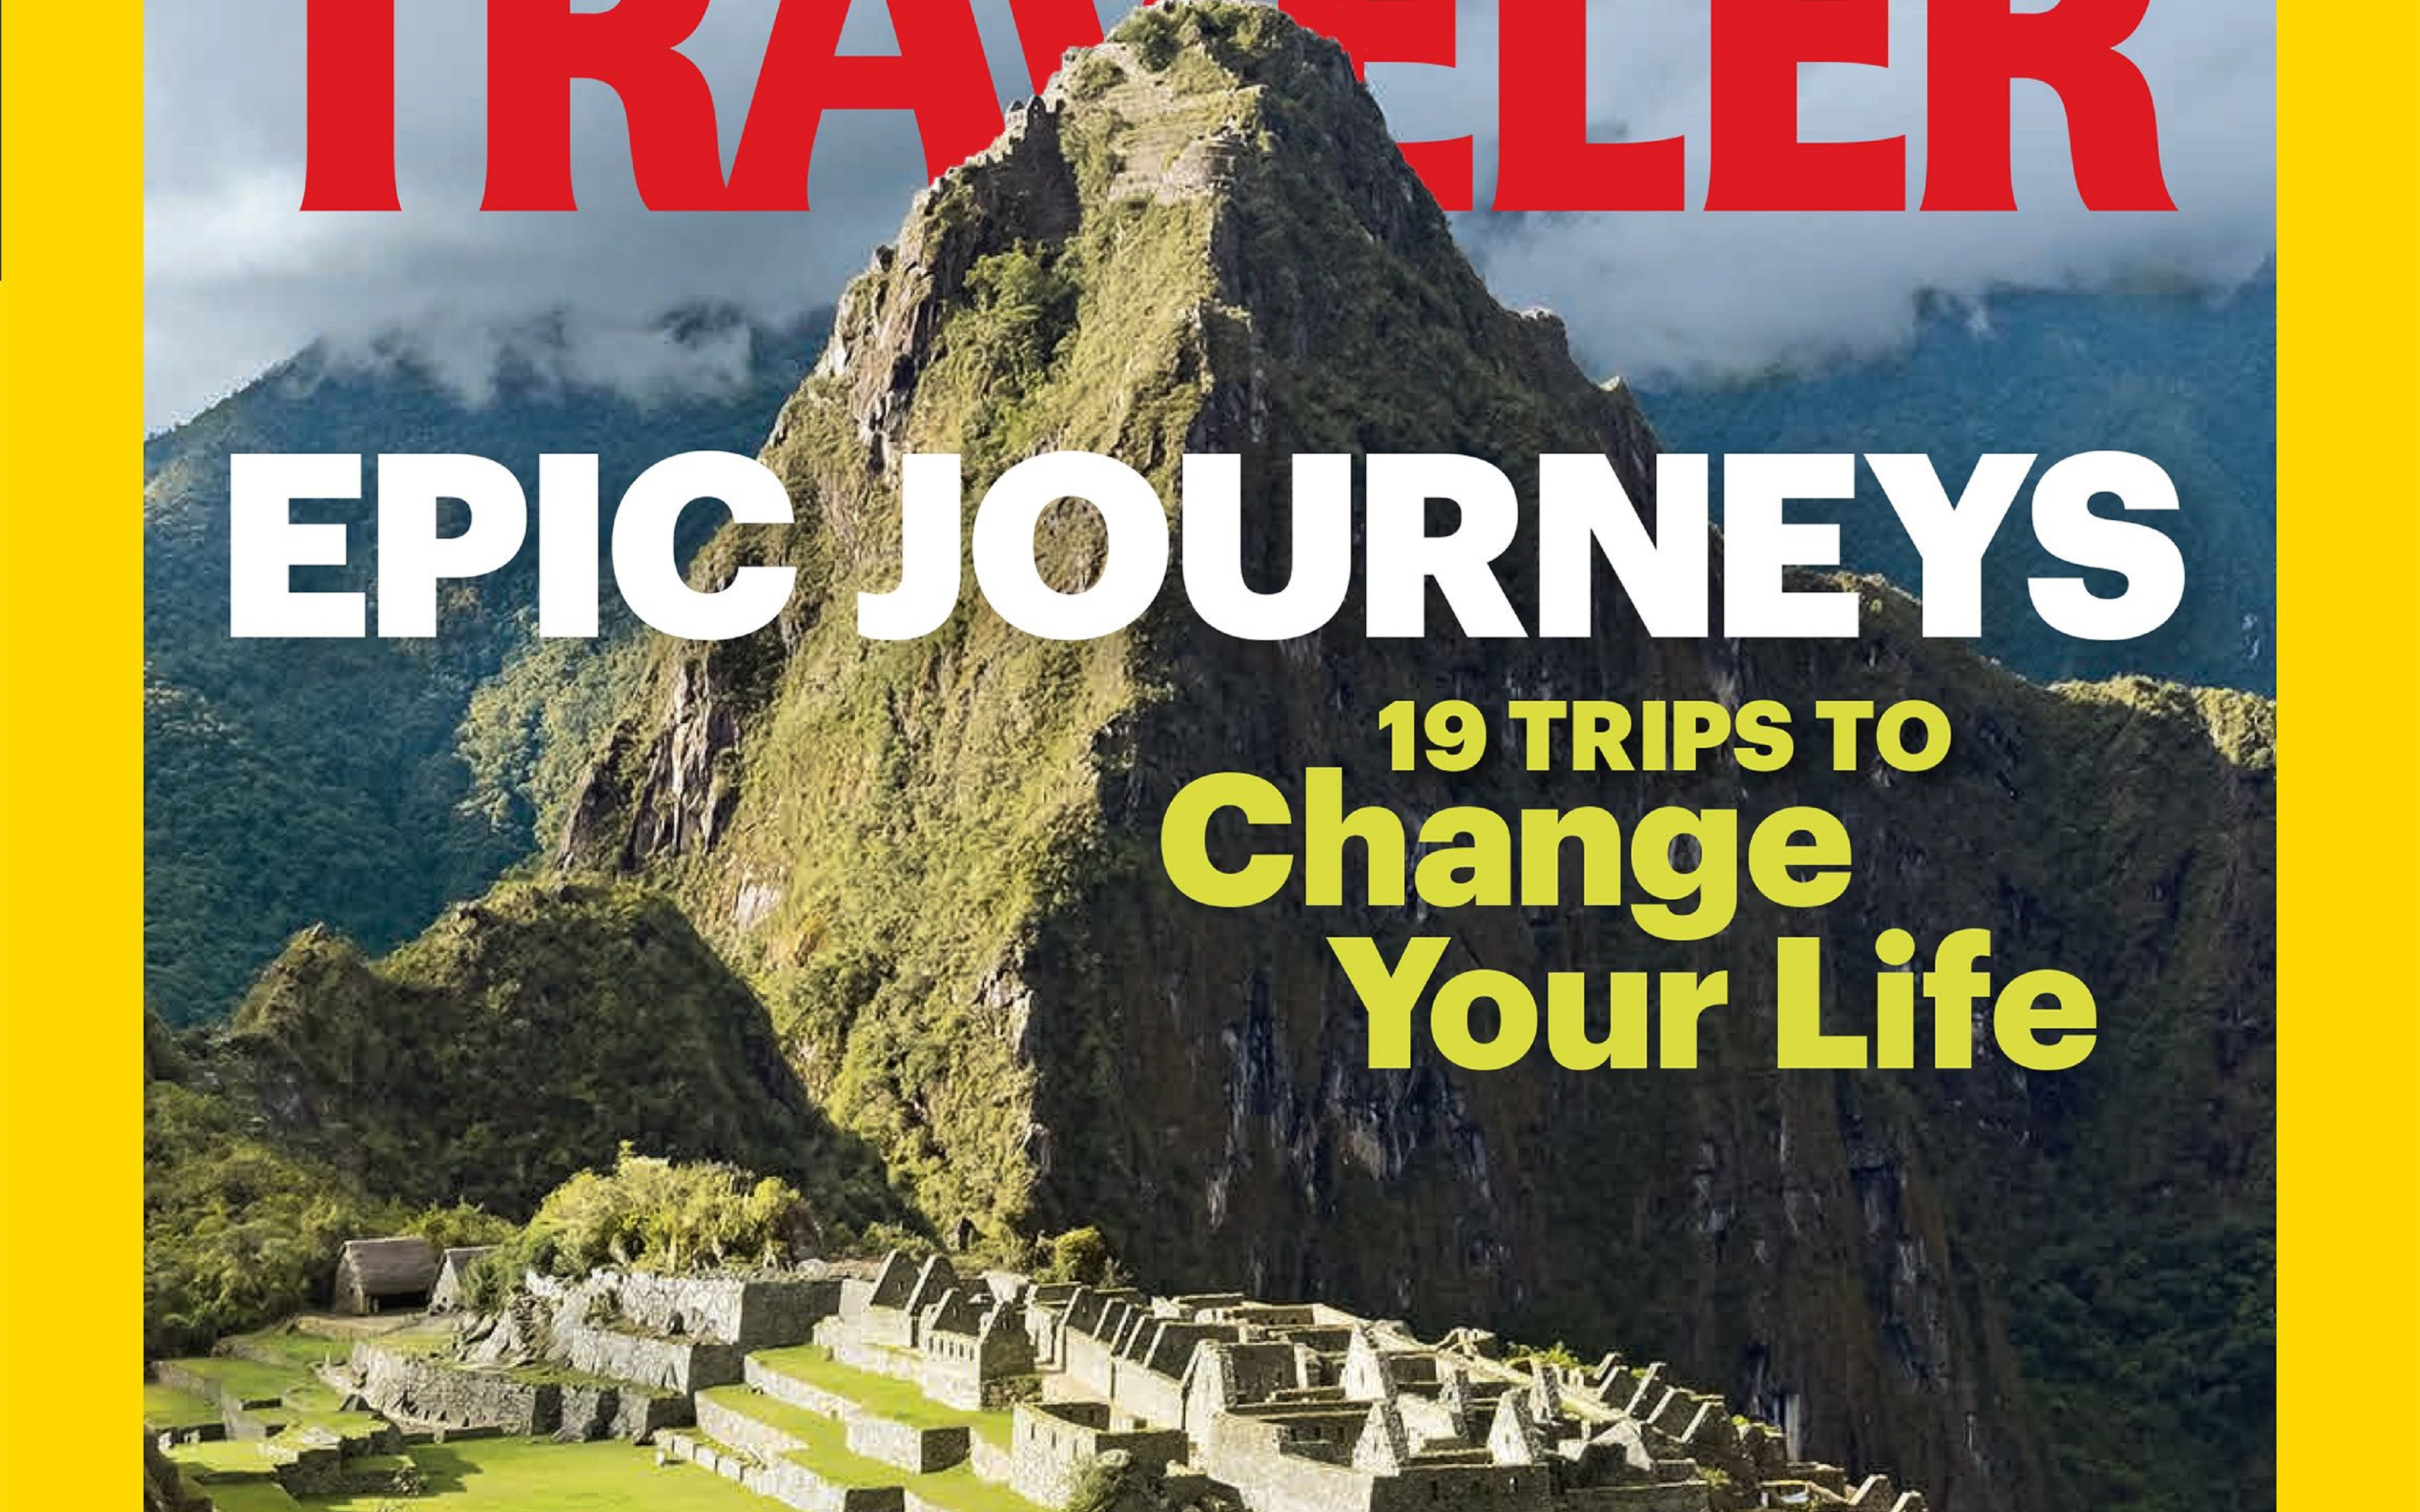 a23203cb202095be748315456996679f 1 - Peru: Machu Picchu shines in National Geographic cover